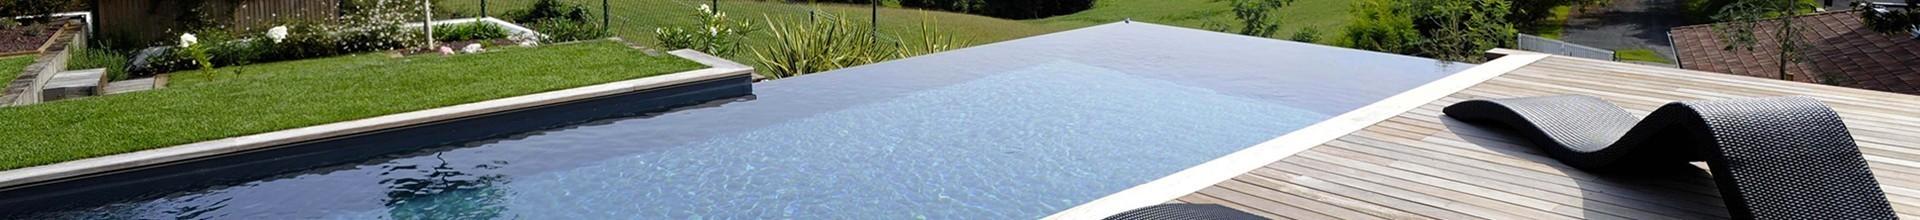 Bretagne Fabricant d'une piscine révolutionnaire et innovante